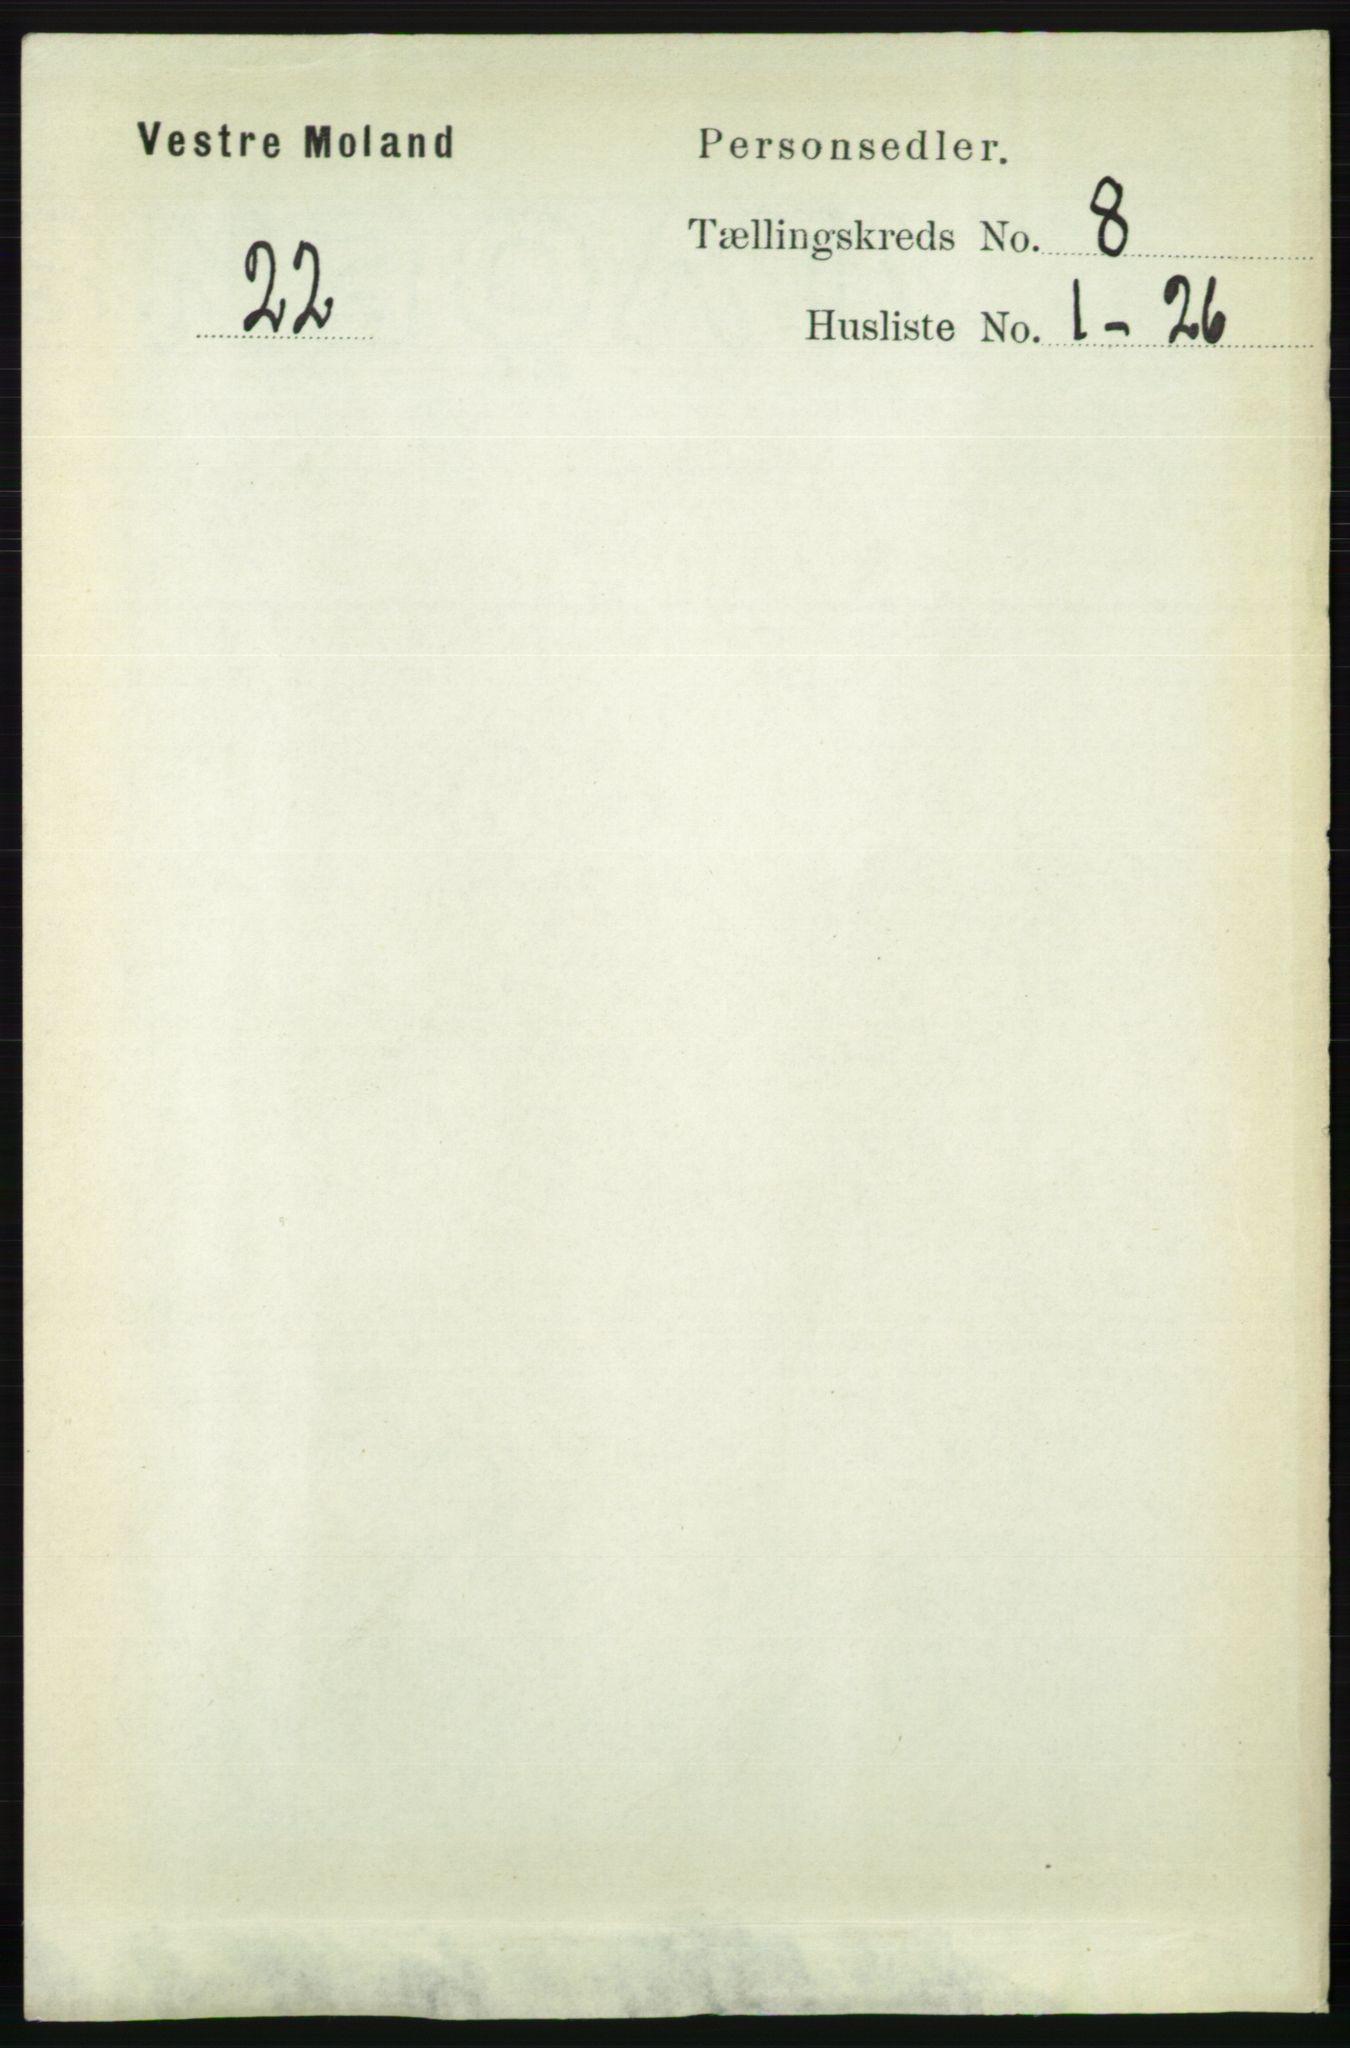 RA, Folketelling 1891 for 0926 Vestre Moland herred, 1891, s. 2997